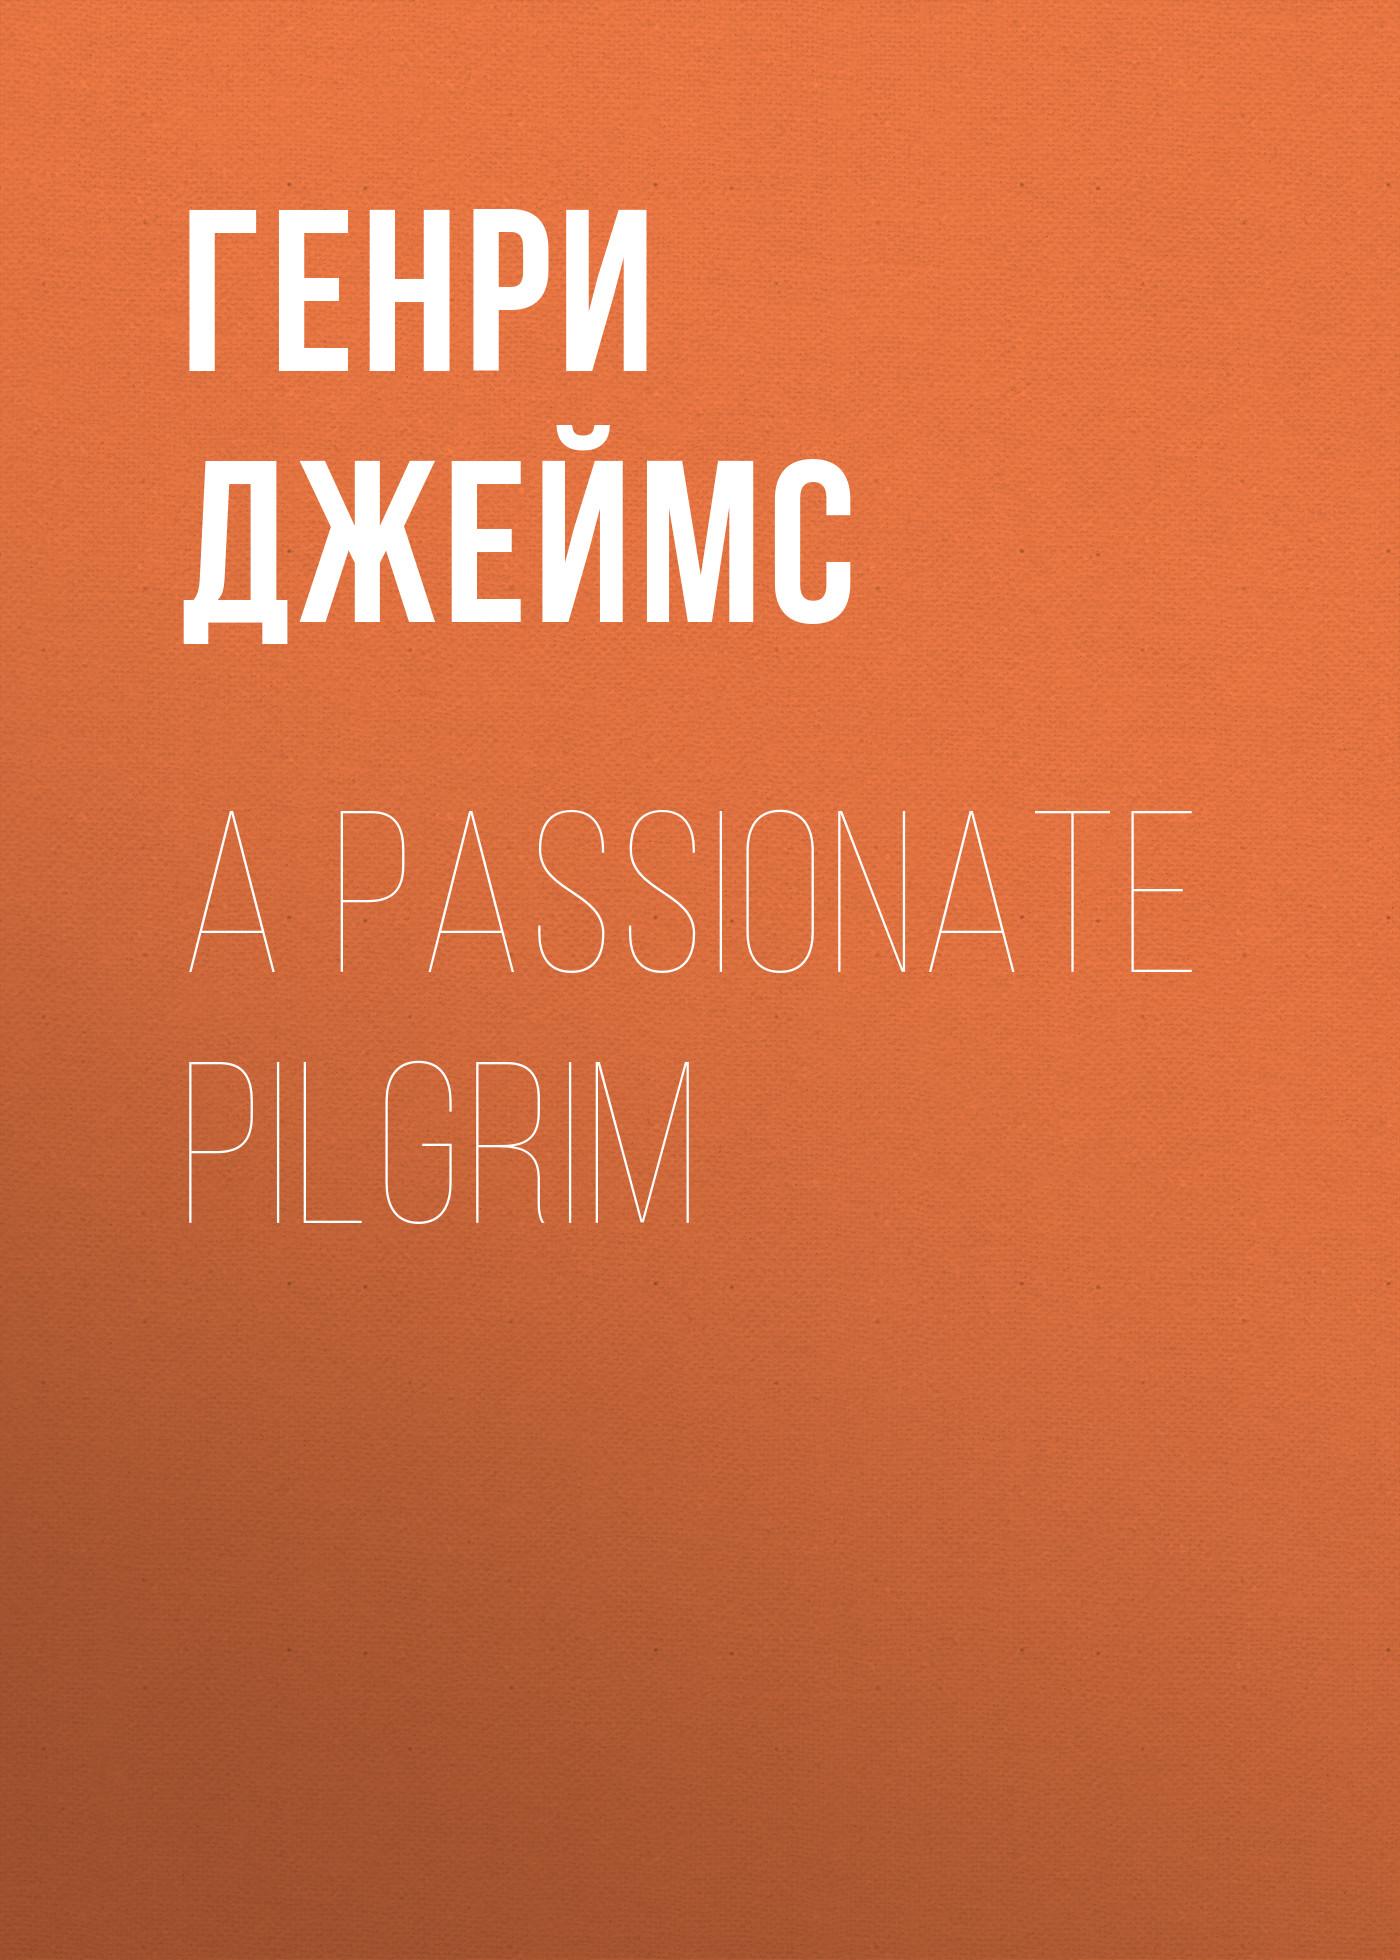 Генри Джеймс A Passionate Pilgrim